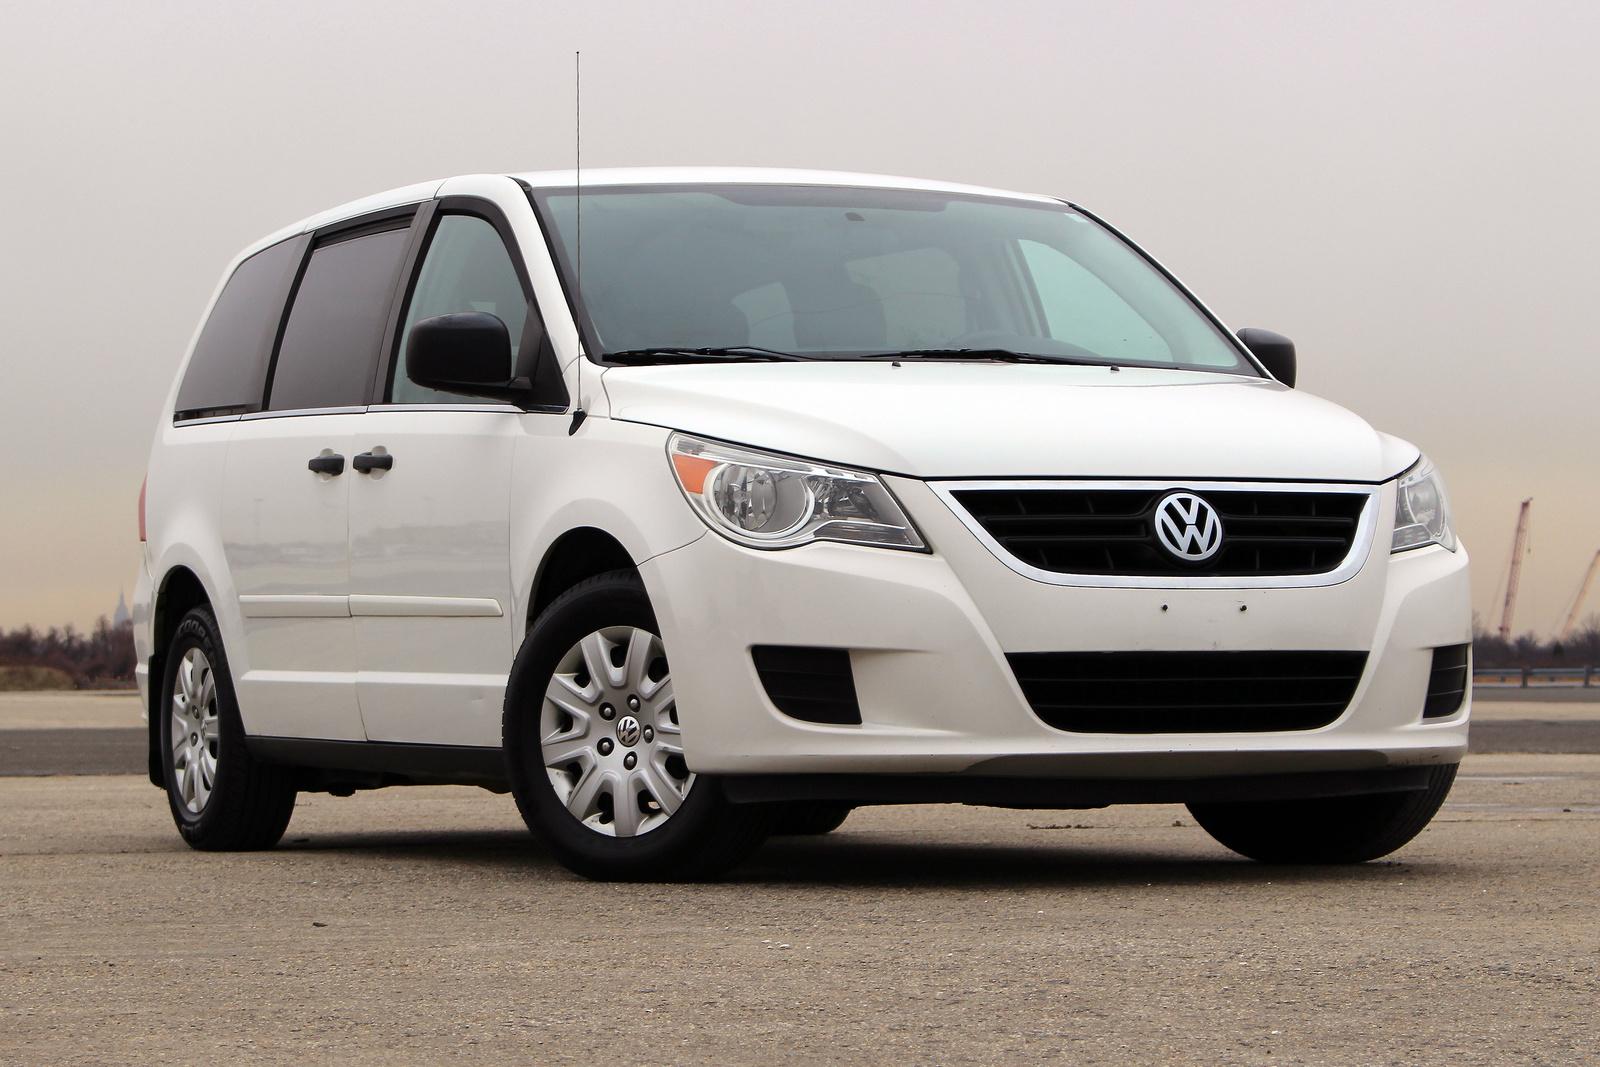 2011 Volkswagen Routan - Overview - CarGurus